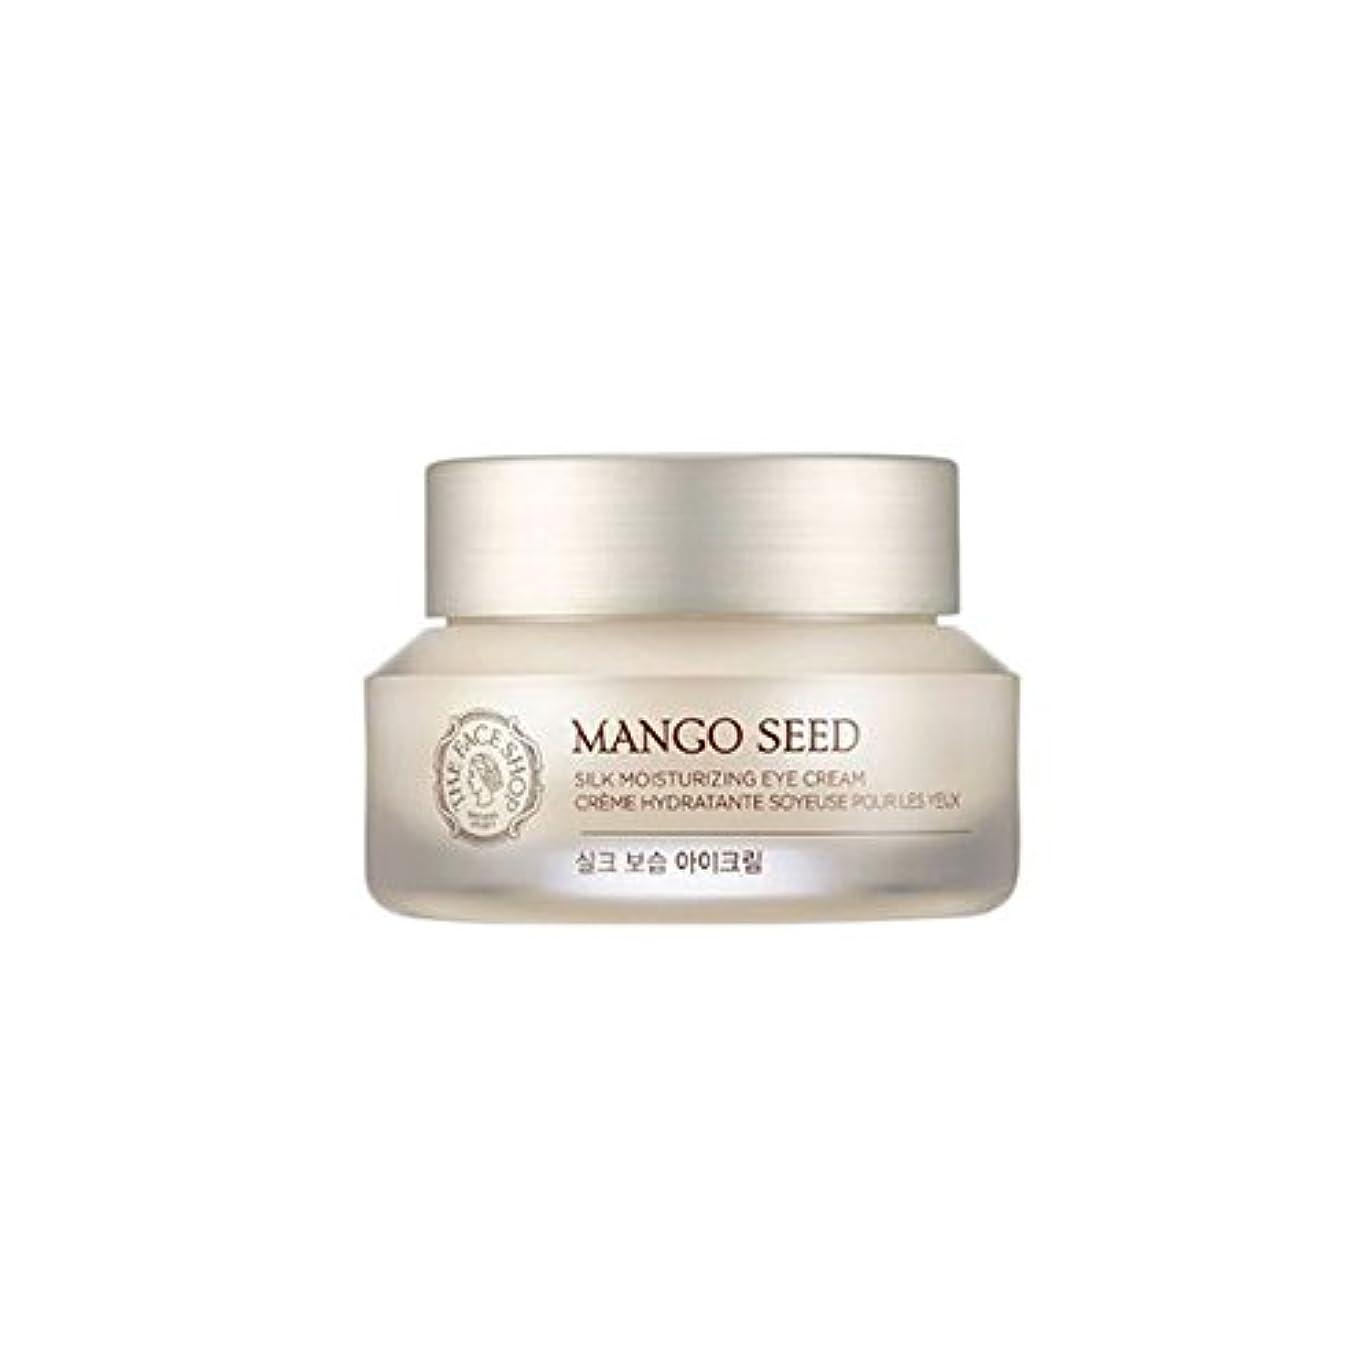 仮装血まみれスペア[ザフェイスショップ] THE FACE SHOP マンゴシードシルク保湿アイクリーム (30ml) The Face Shop Mango Seed Silk Moisturizing Eye Cream(30ml)...